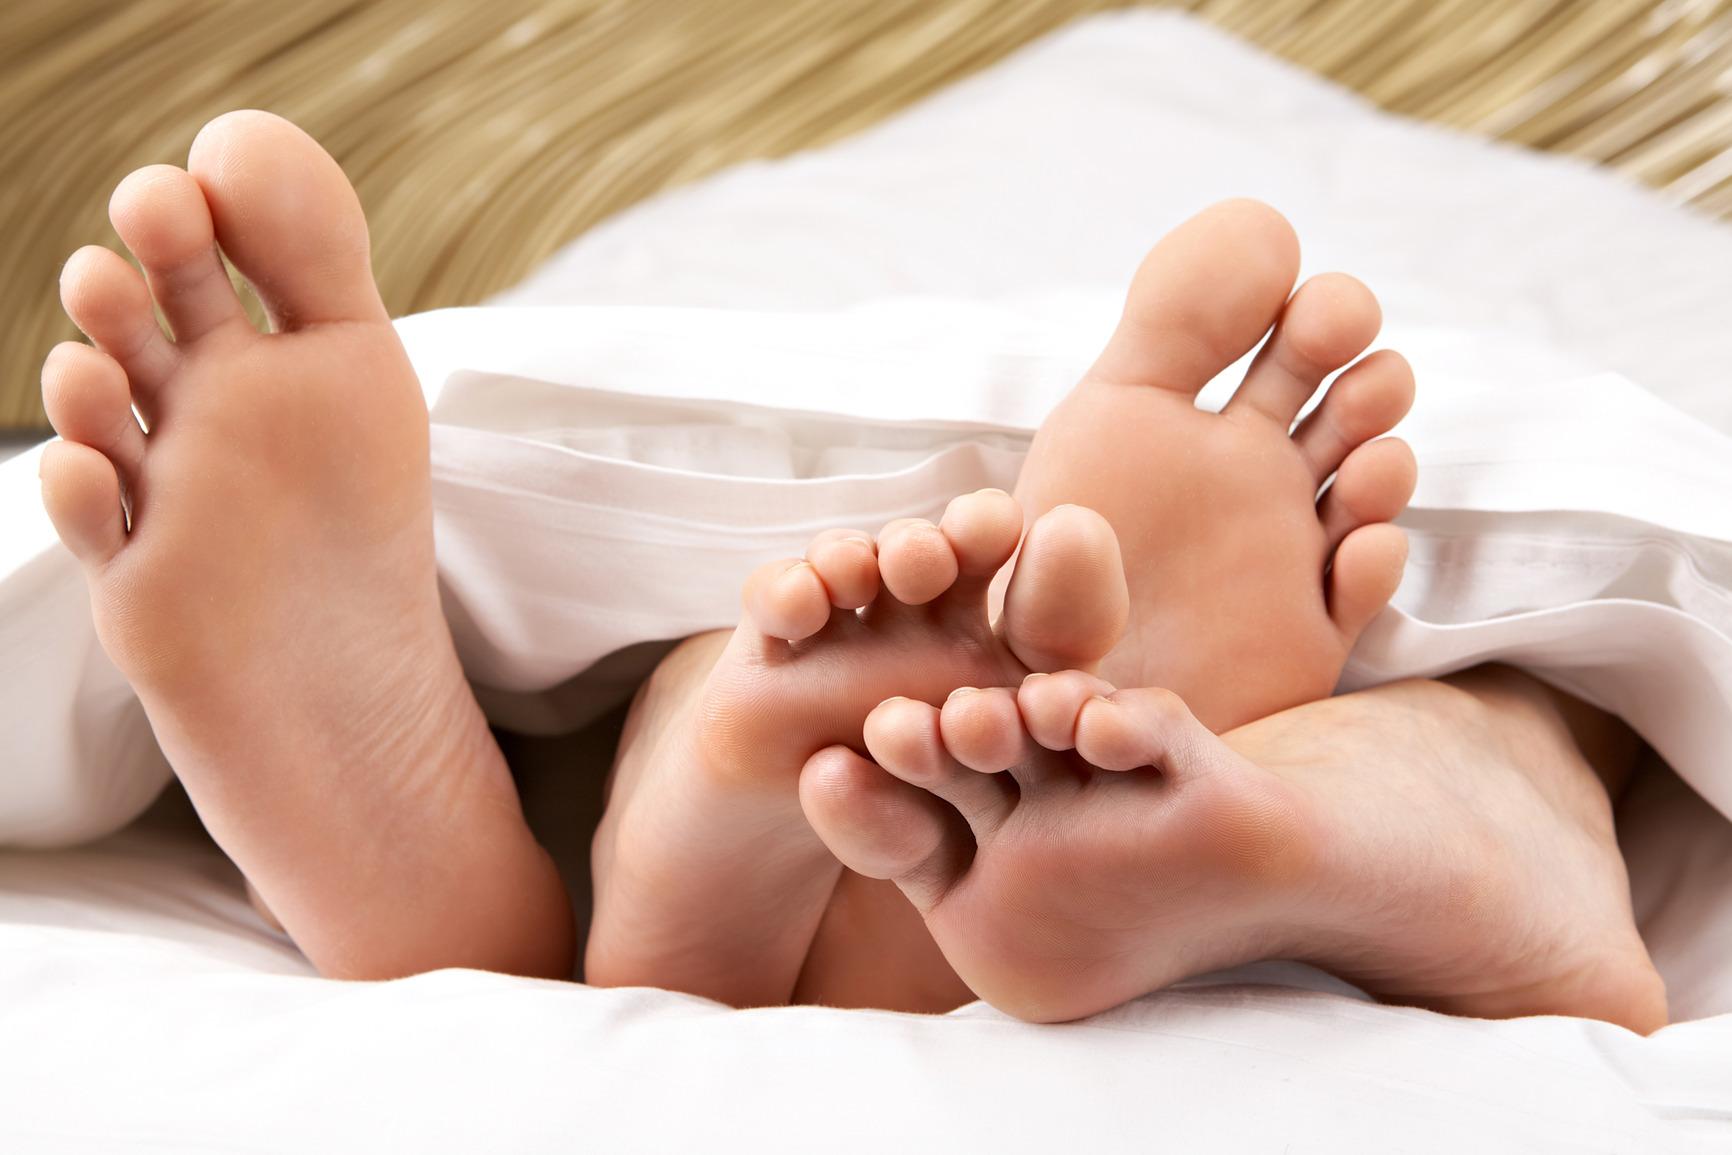 sposób na zadbane stopy